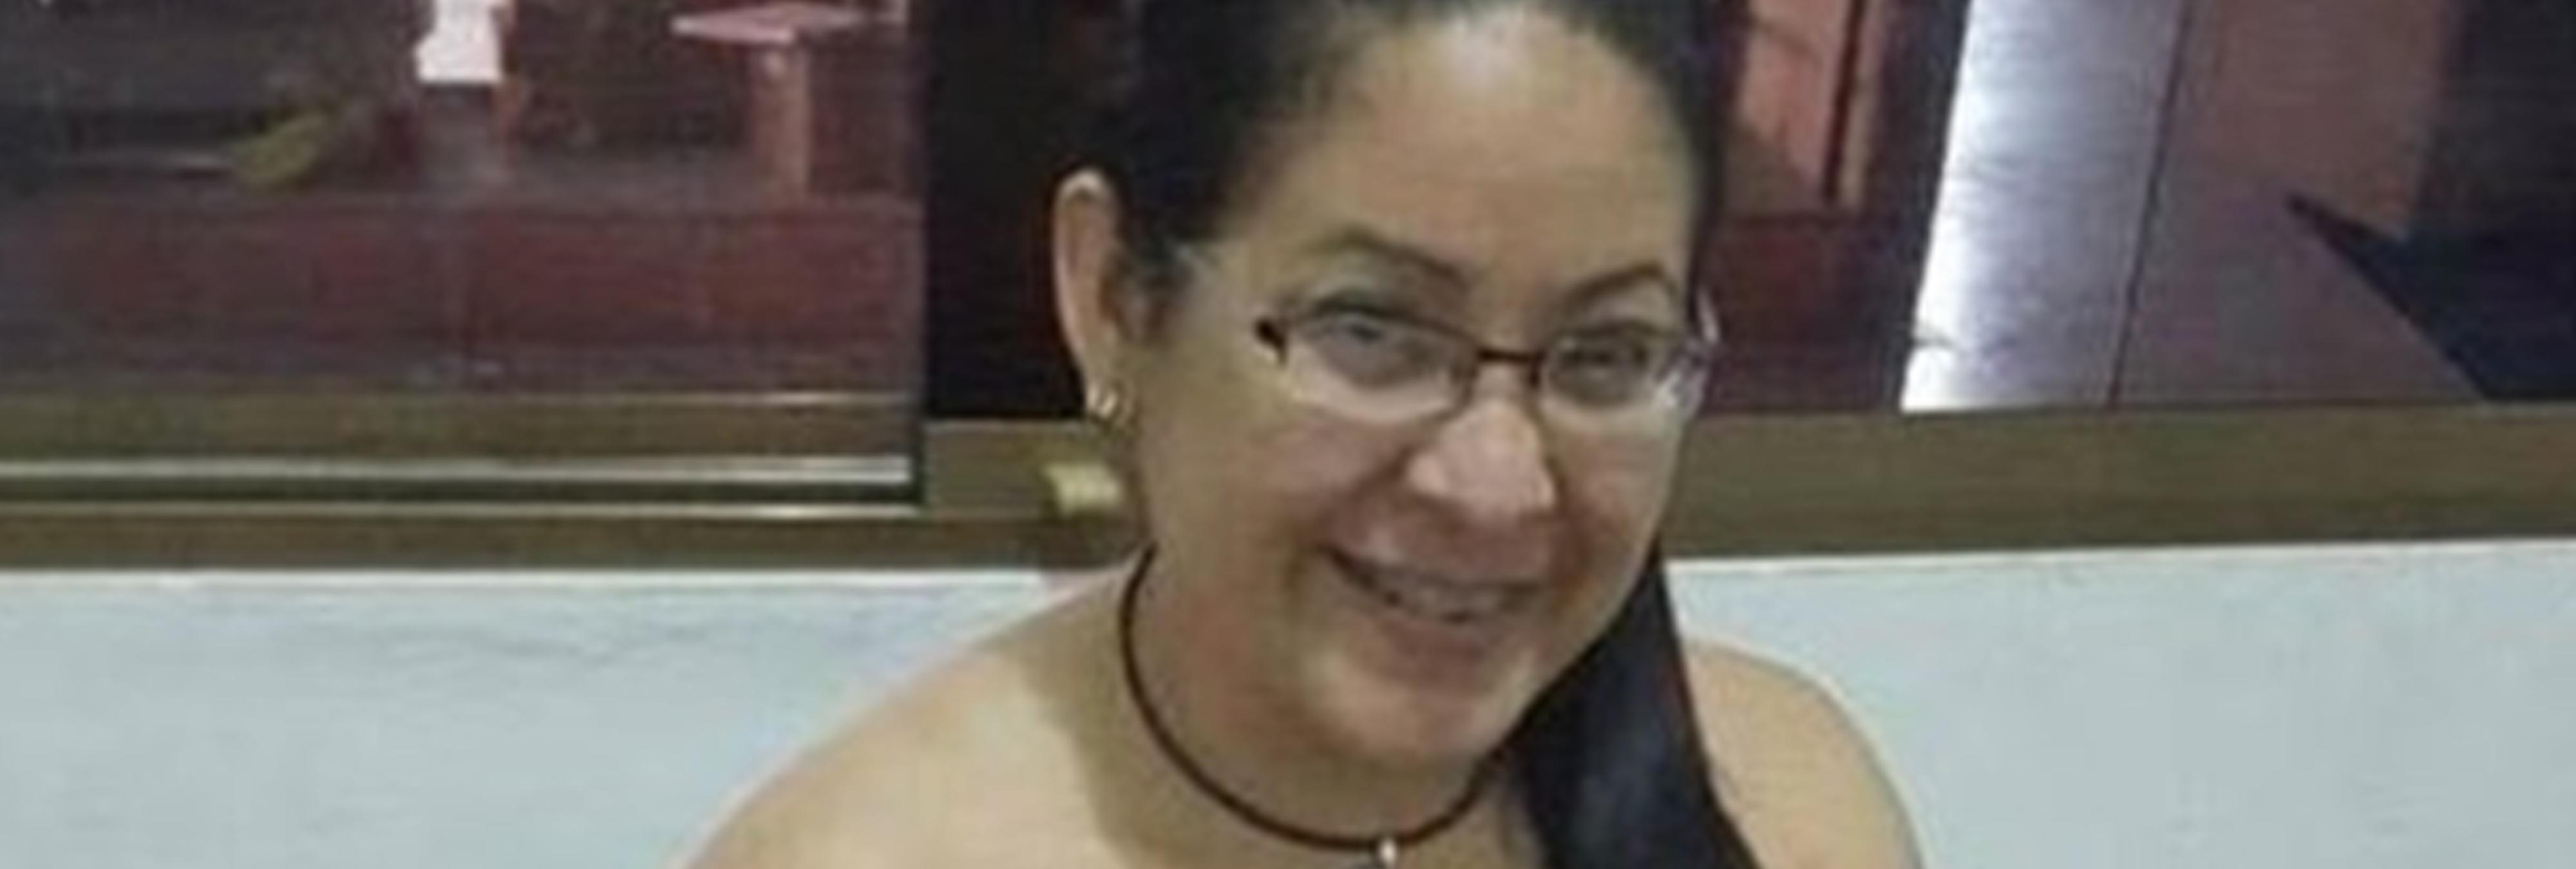 Detenida una maestra por suspender a los alumnos que no se acostaban con ella